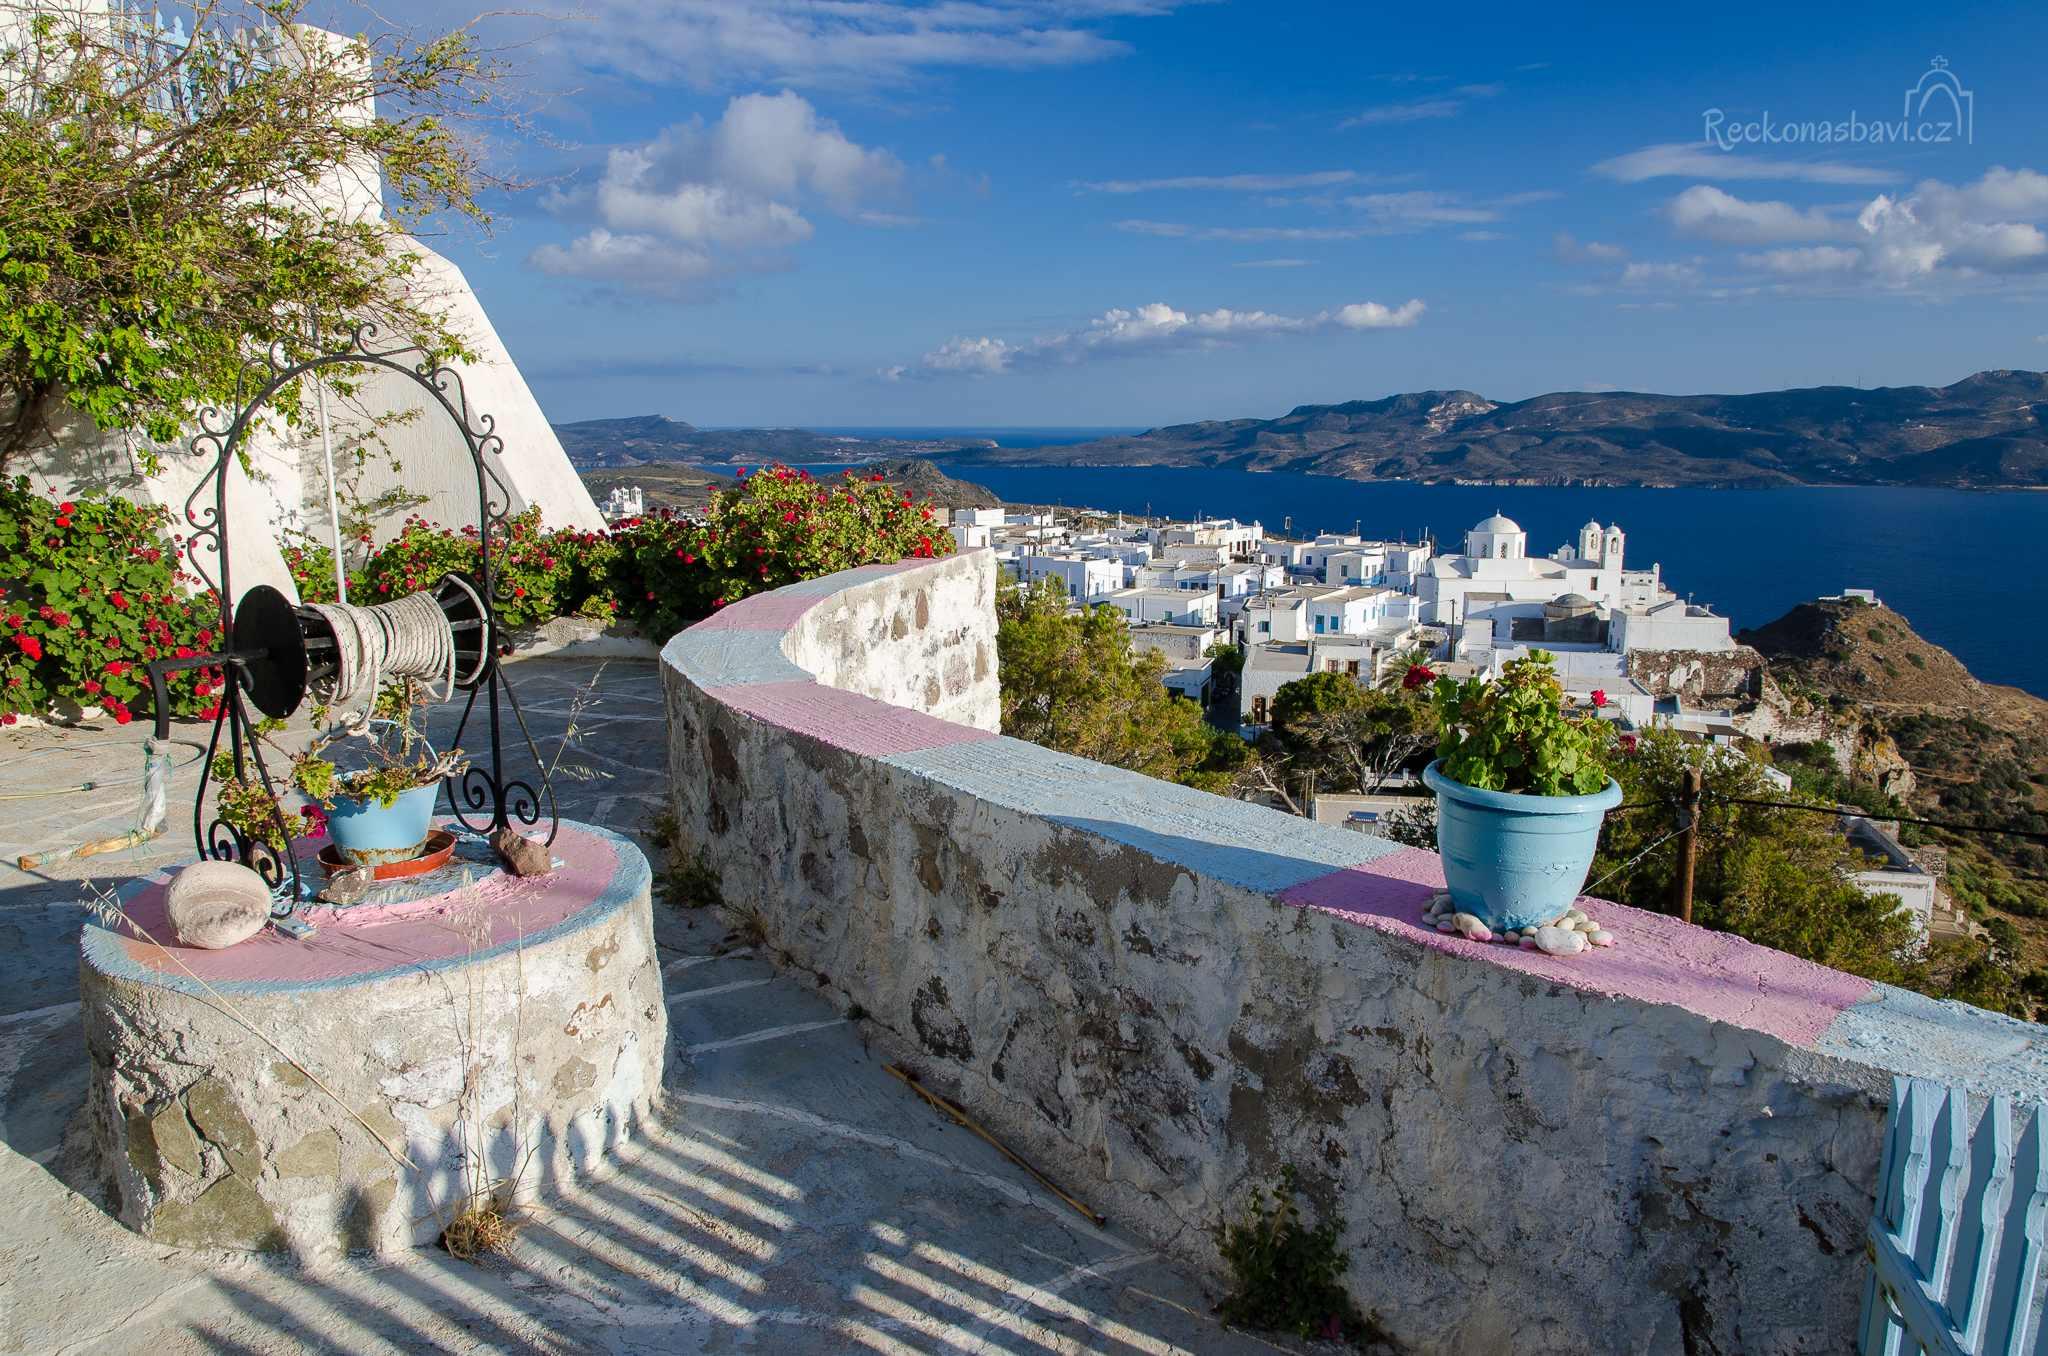 při stoupání do kopce vás čeká nejvíce fotografované zákoutí na ostrově Milos